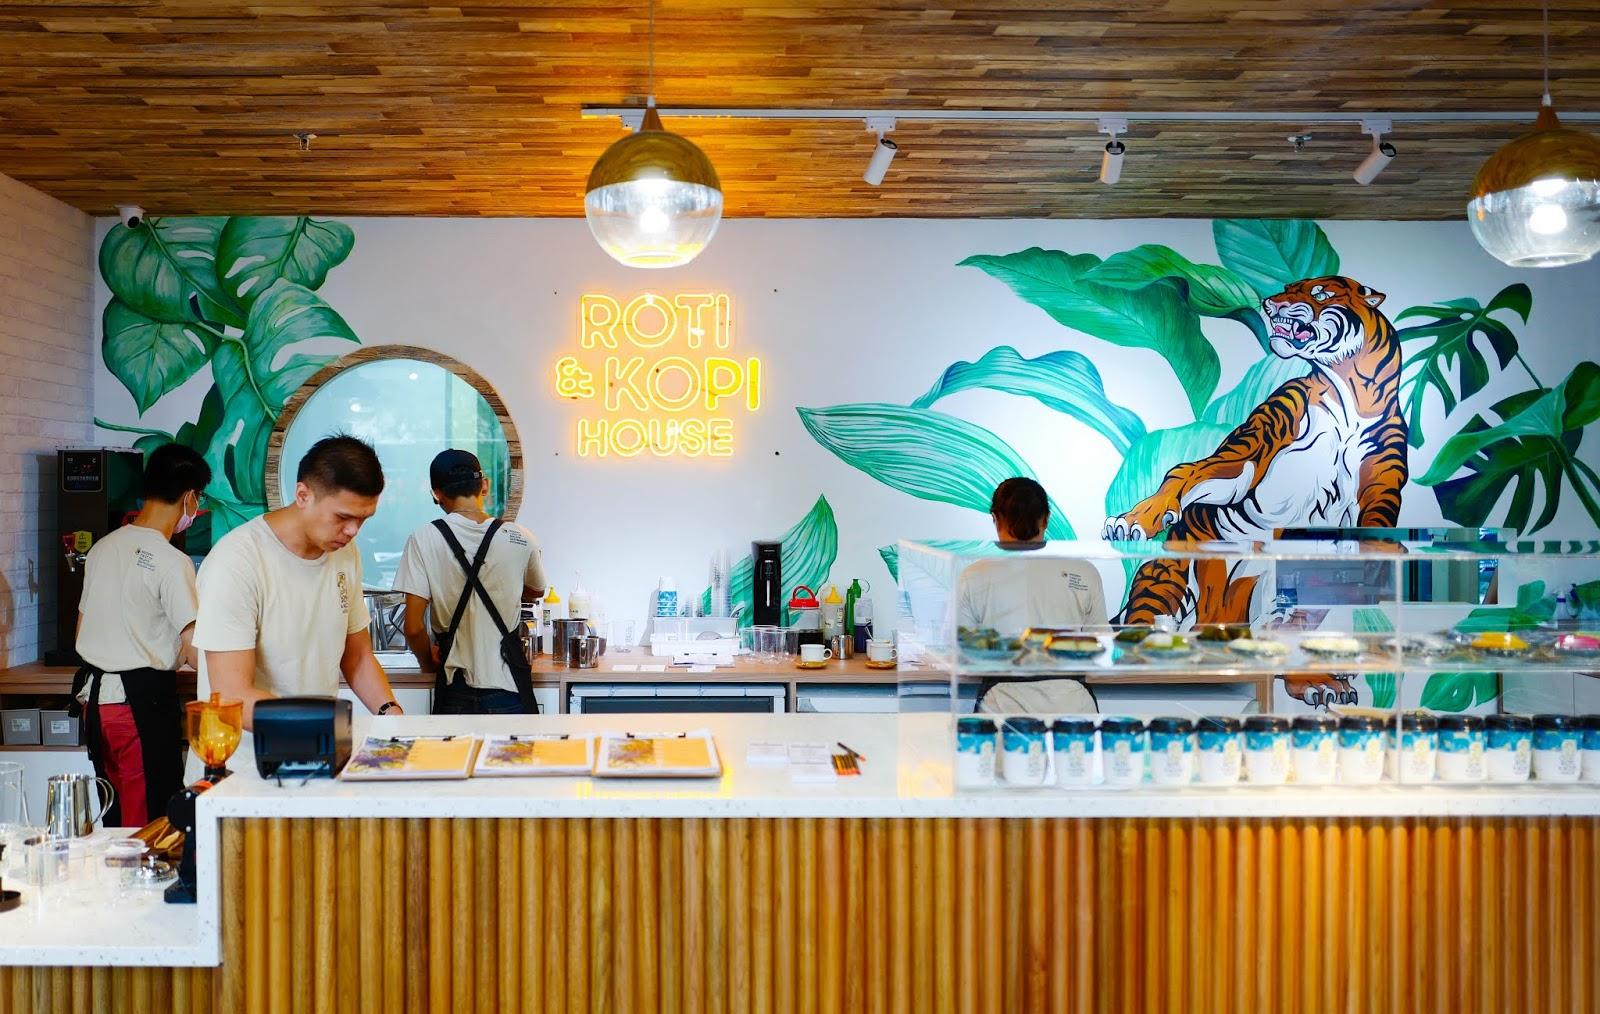 roti & kopi house, damansara uptown